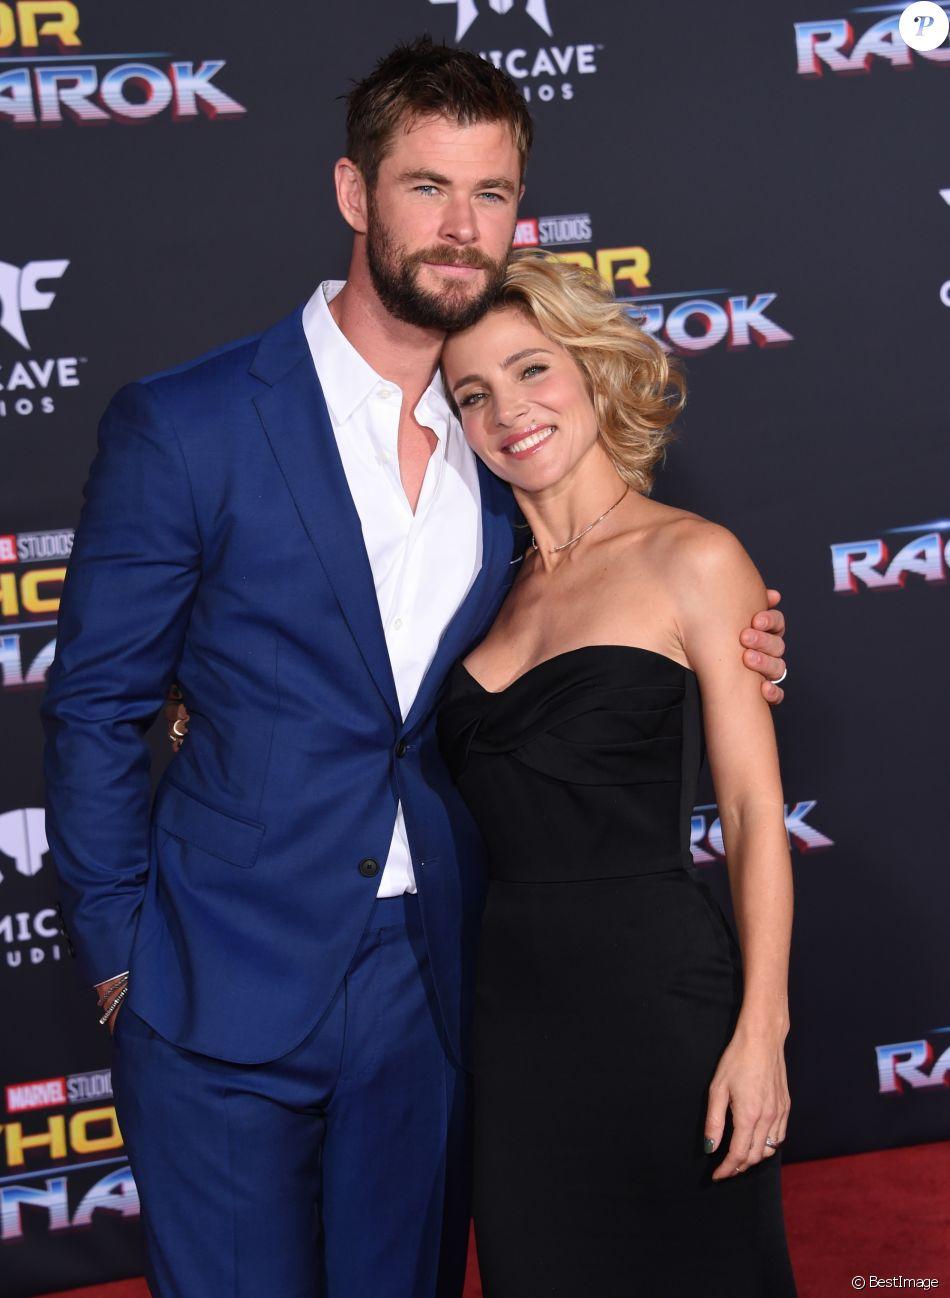 Chris Hemsworth et sa femme Elsa Pataky à la première de 'Thor: Ragnarok' à Hollywood, le 10 octobre 2017 © Chris Delmas/Bestimage